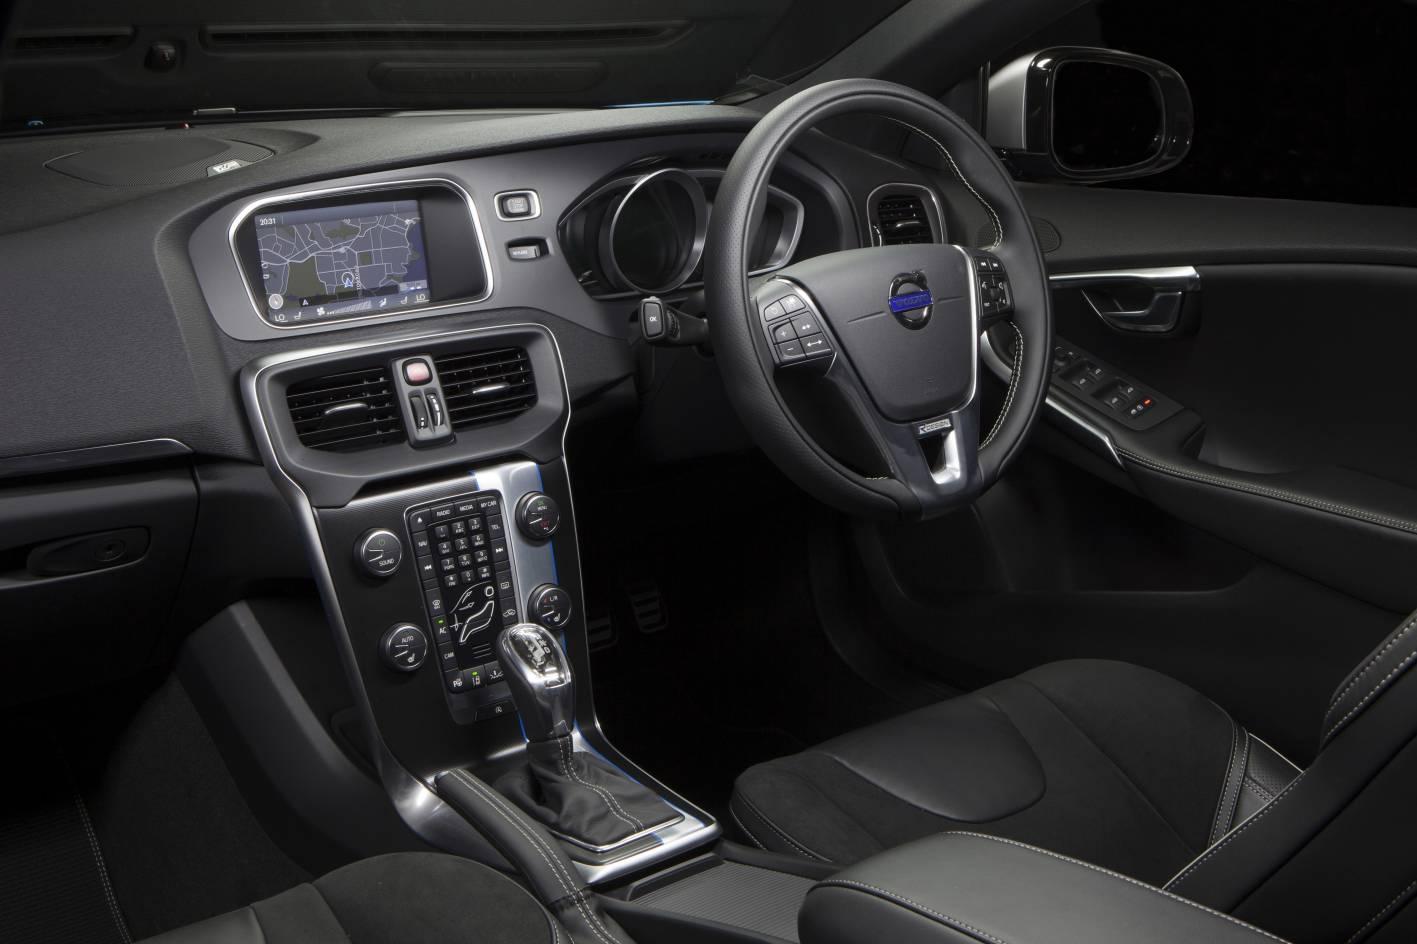 2013 Volvo V40 T5 Interior-1 - ForceGT.com